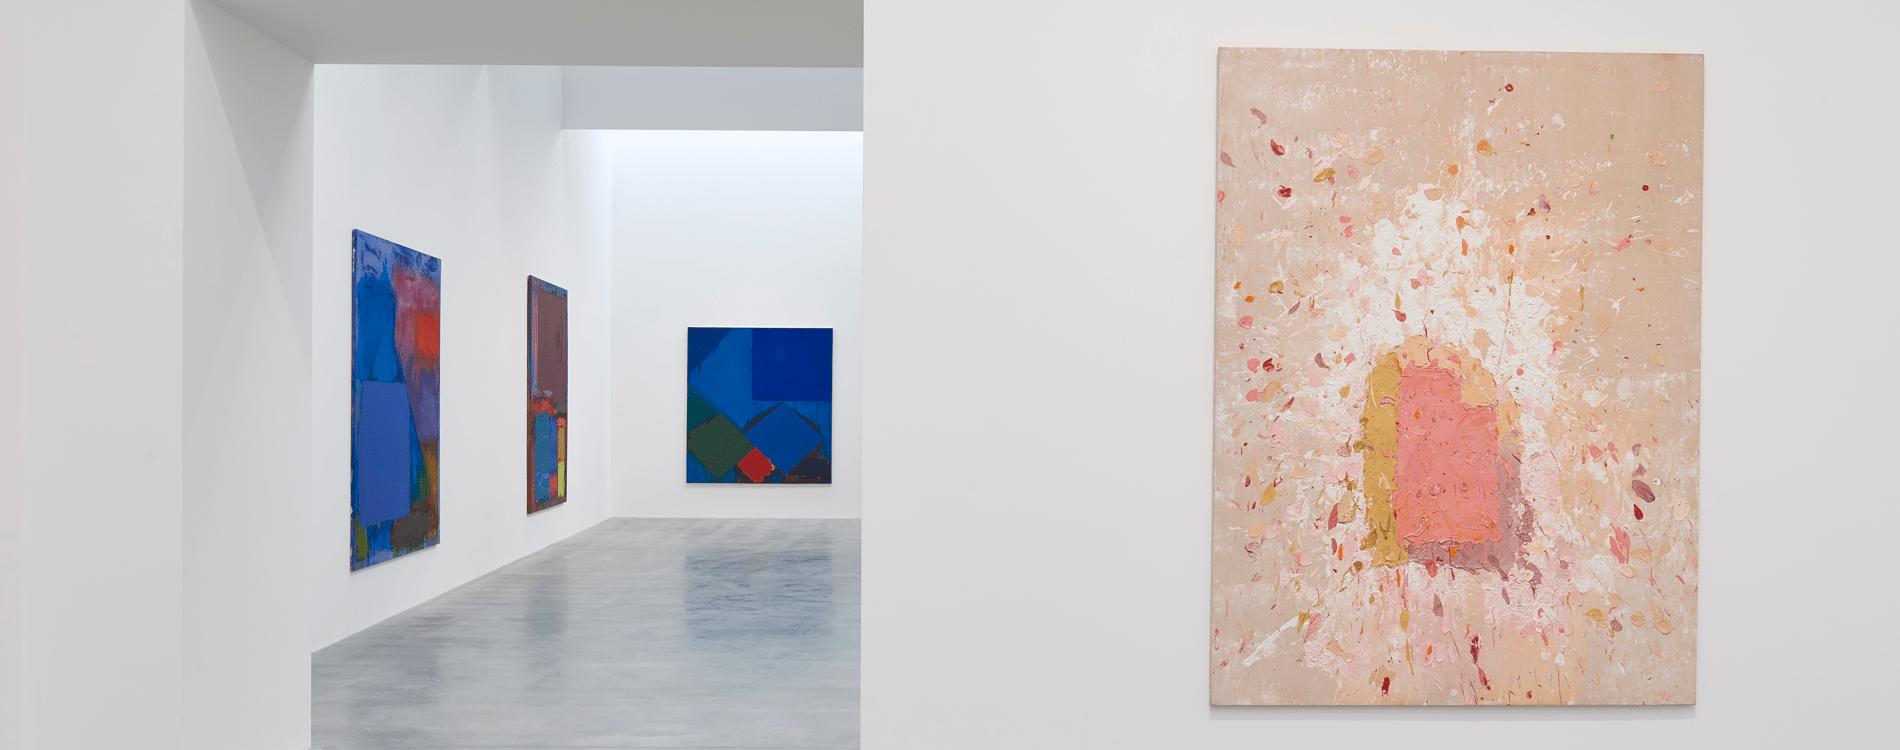 La nueva galería de Damien Hirst